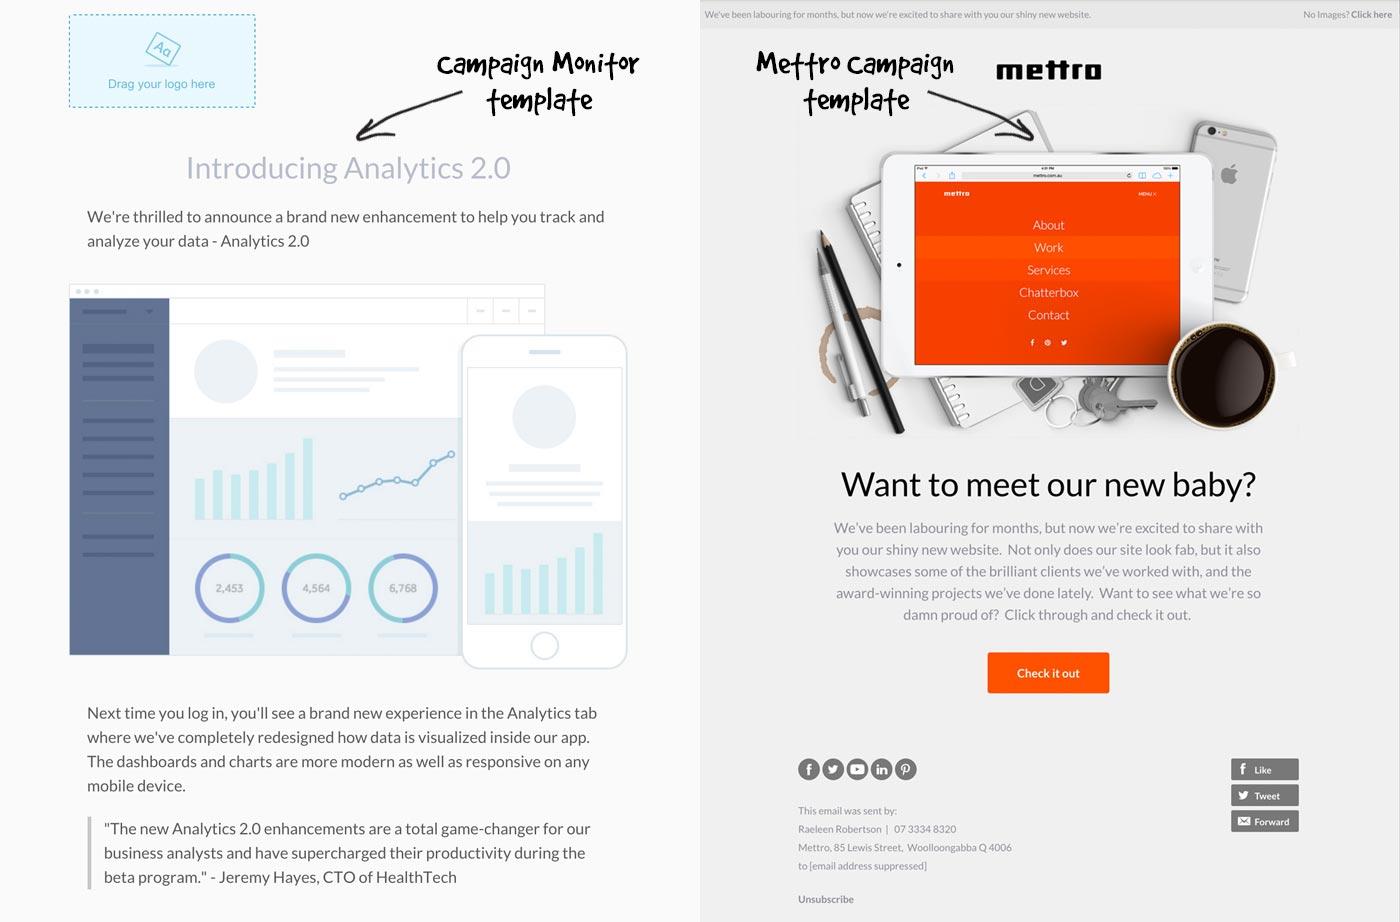 CampaignMonitor-template-vs-Mettro